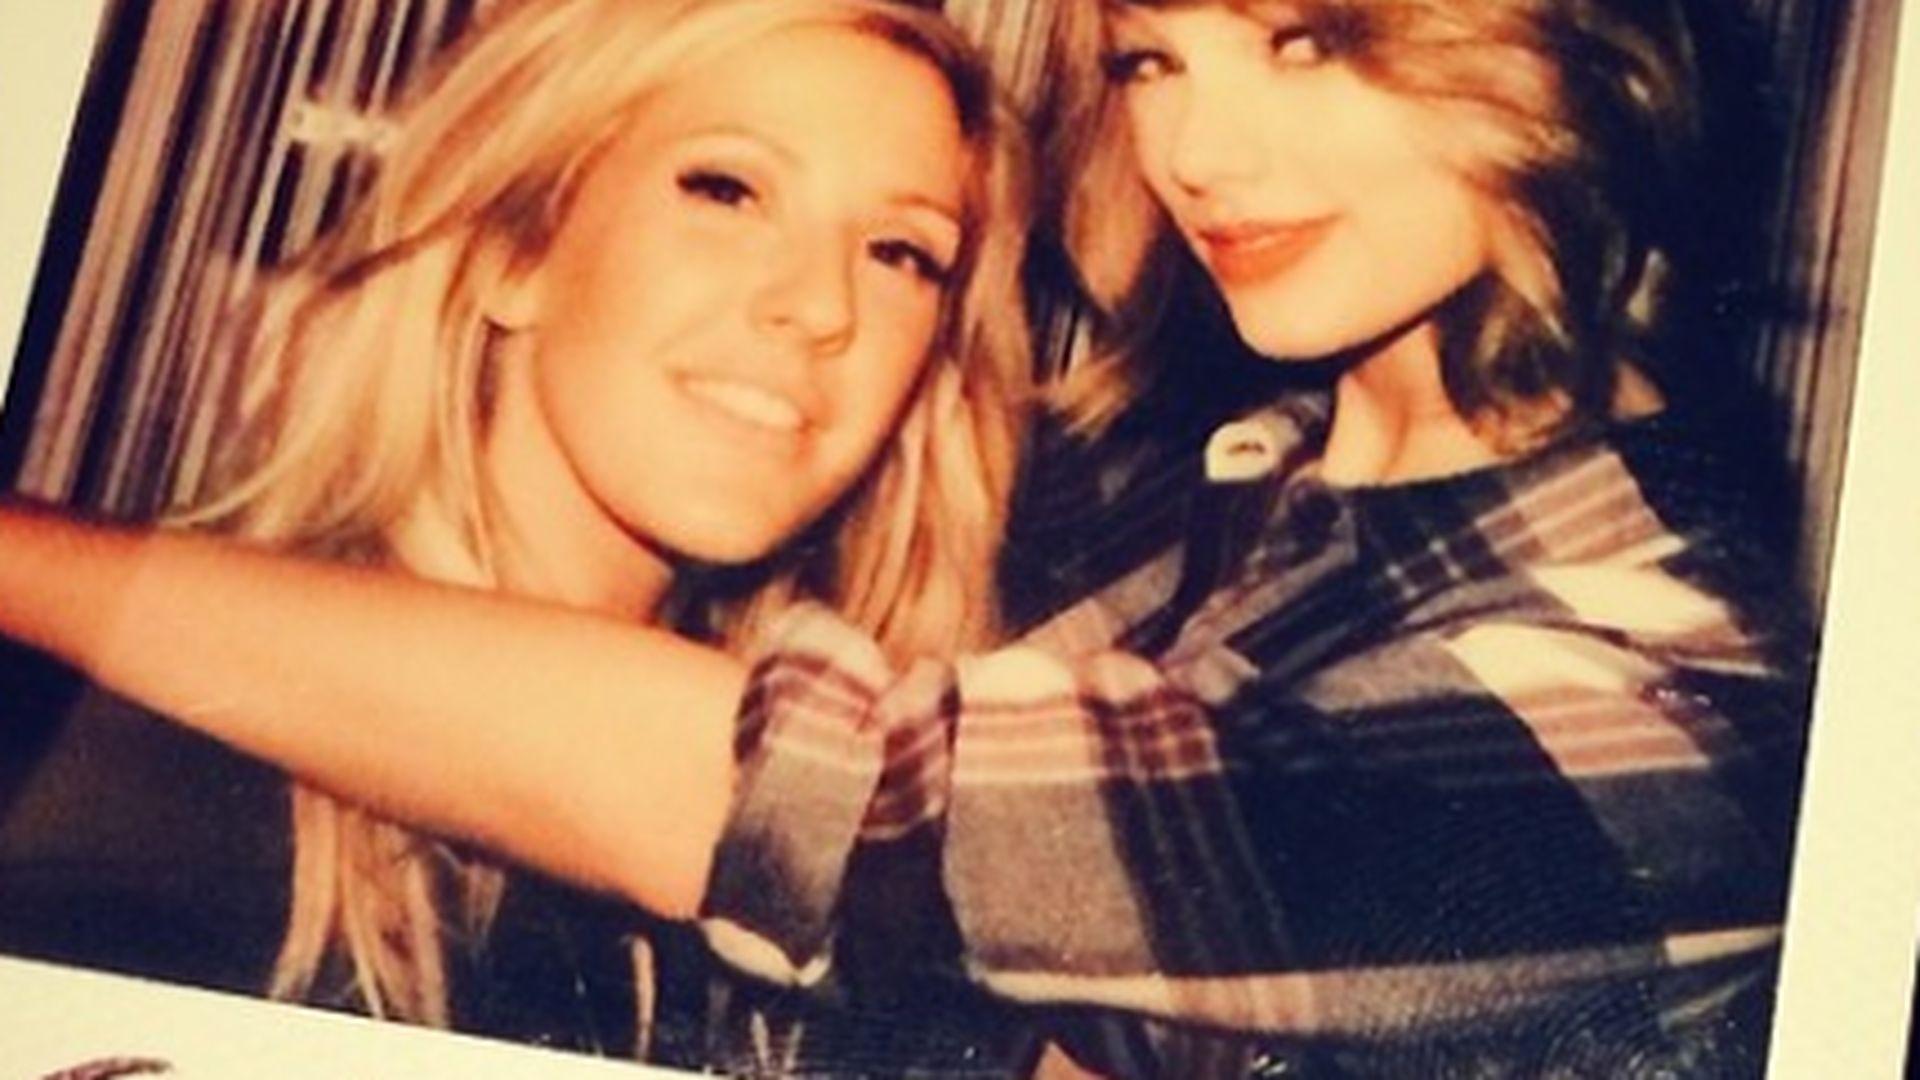 Haare ab! Taylor Swift hat sich von Mähne getrennt